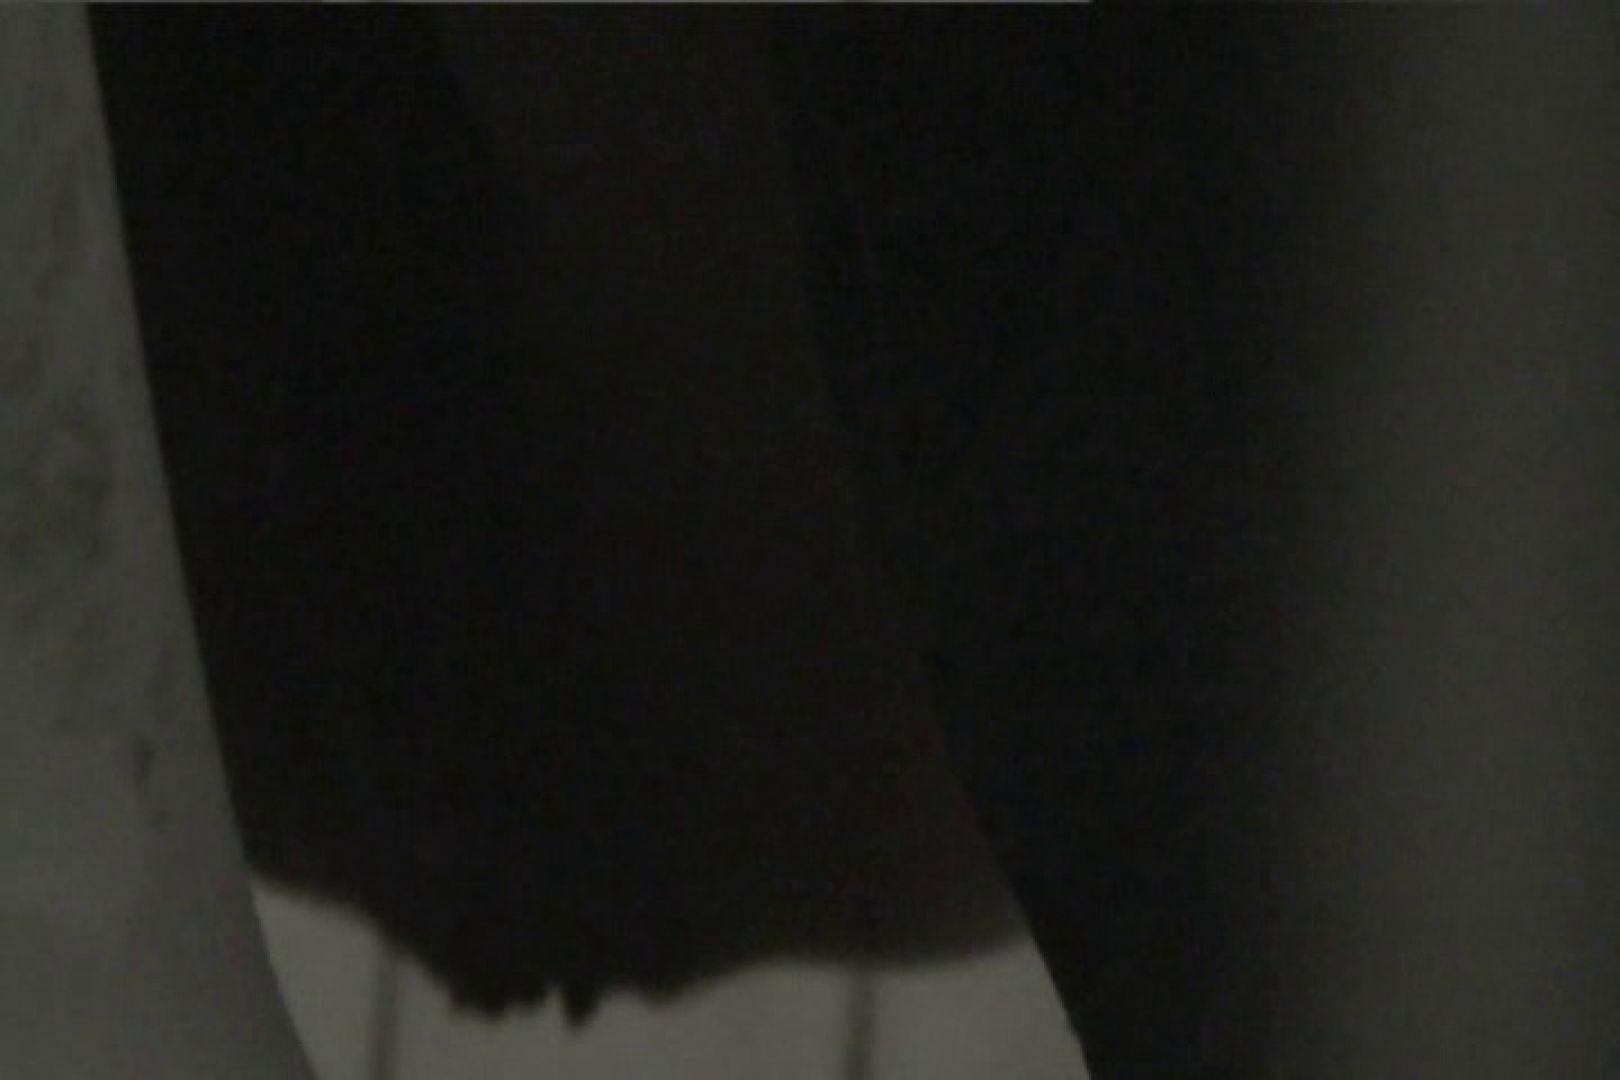 マンコ丸見え女子洗面所Vol.22 マンコ  97枚 53